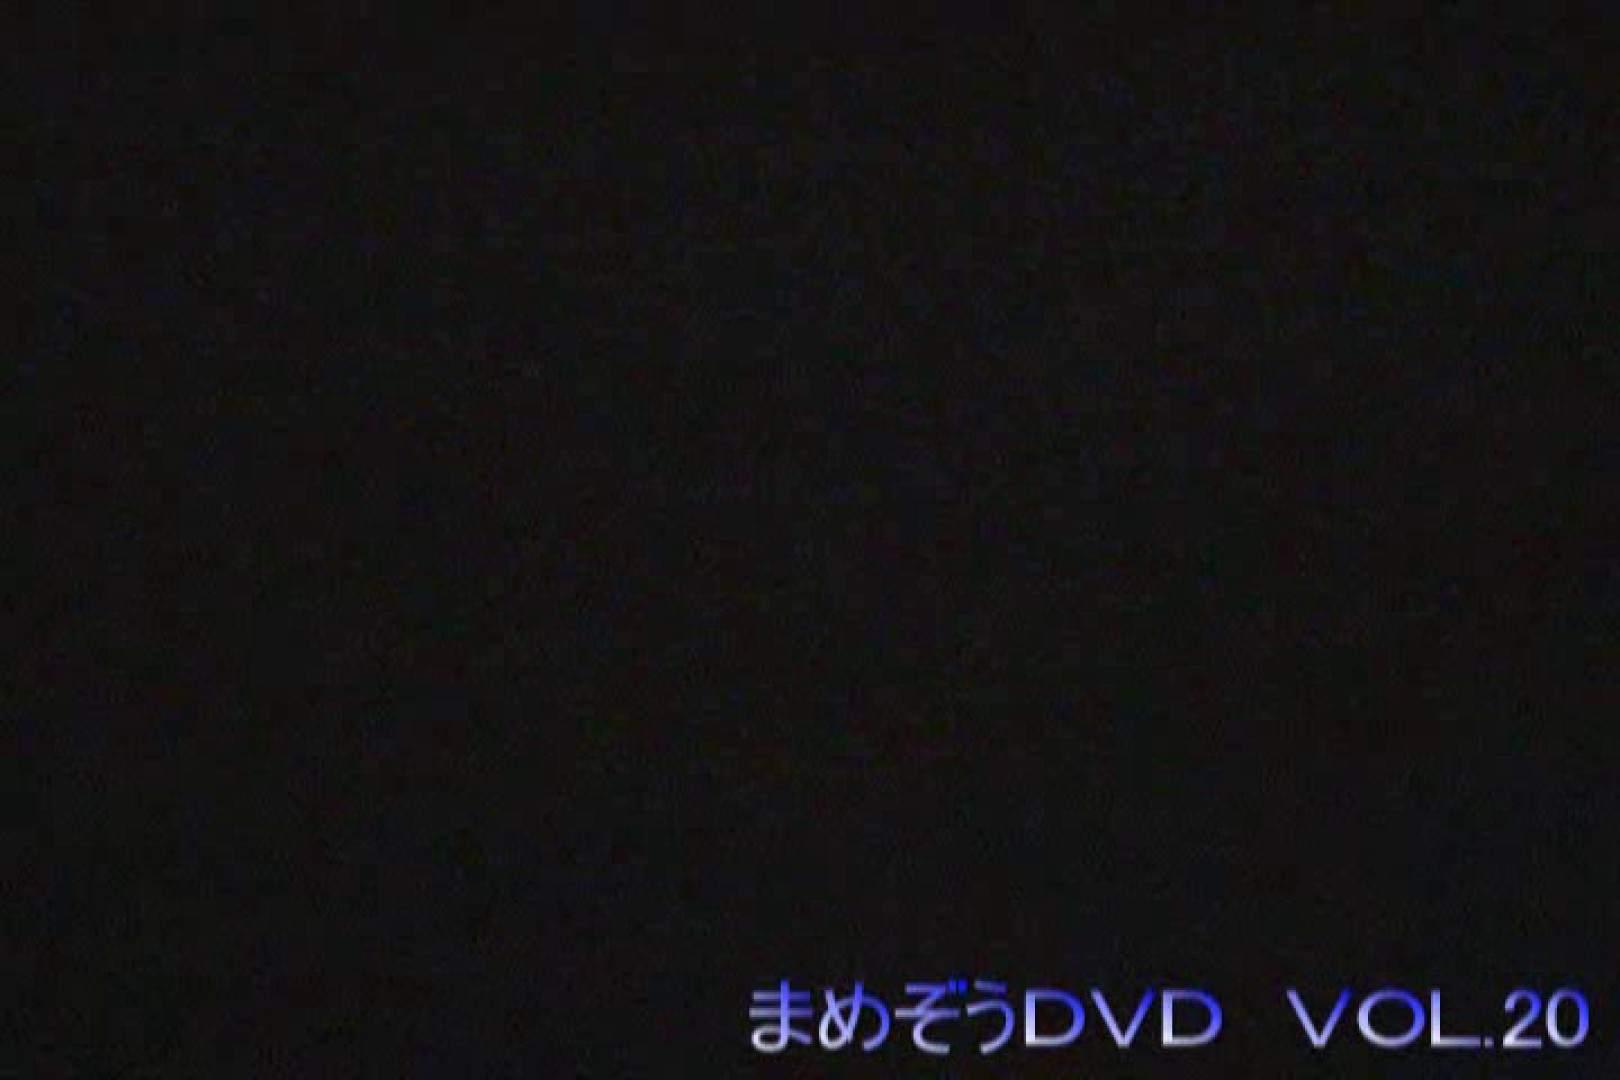 まめぞうDVD完全版VOL.20 OLの実態  75pic 74